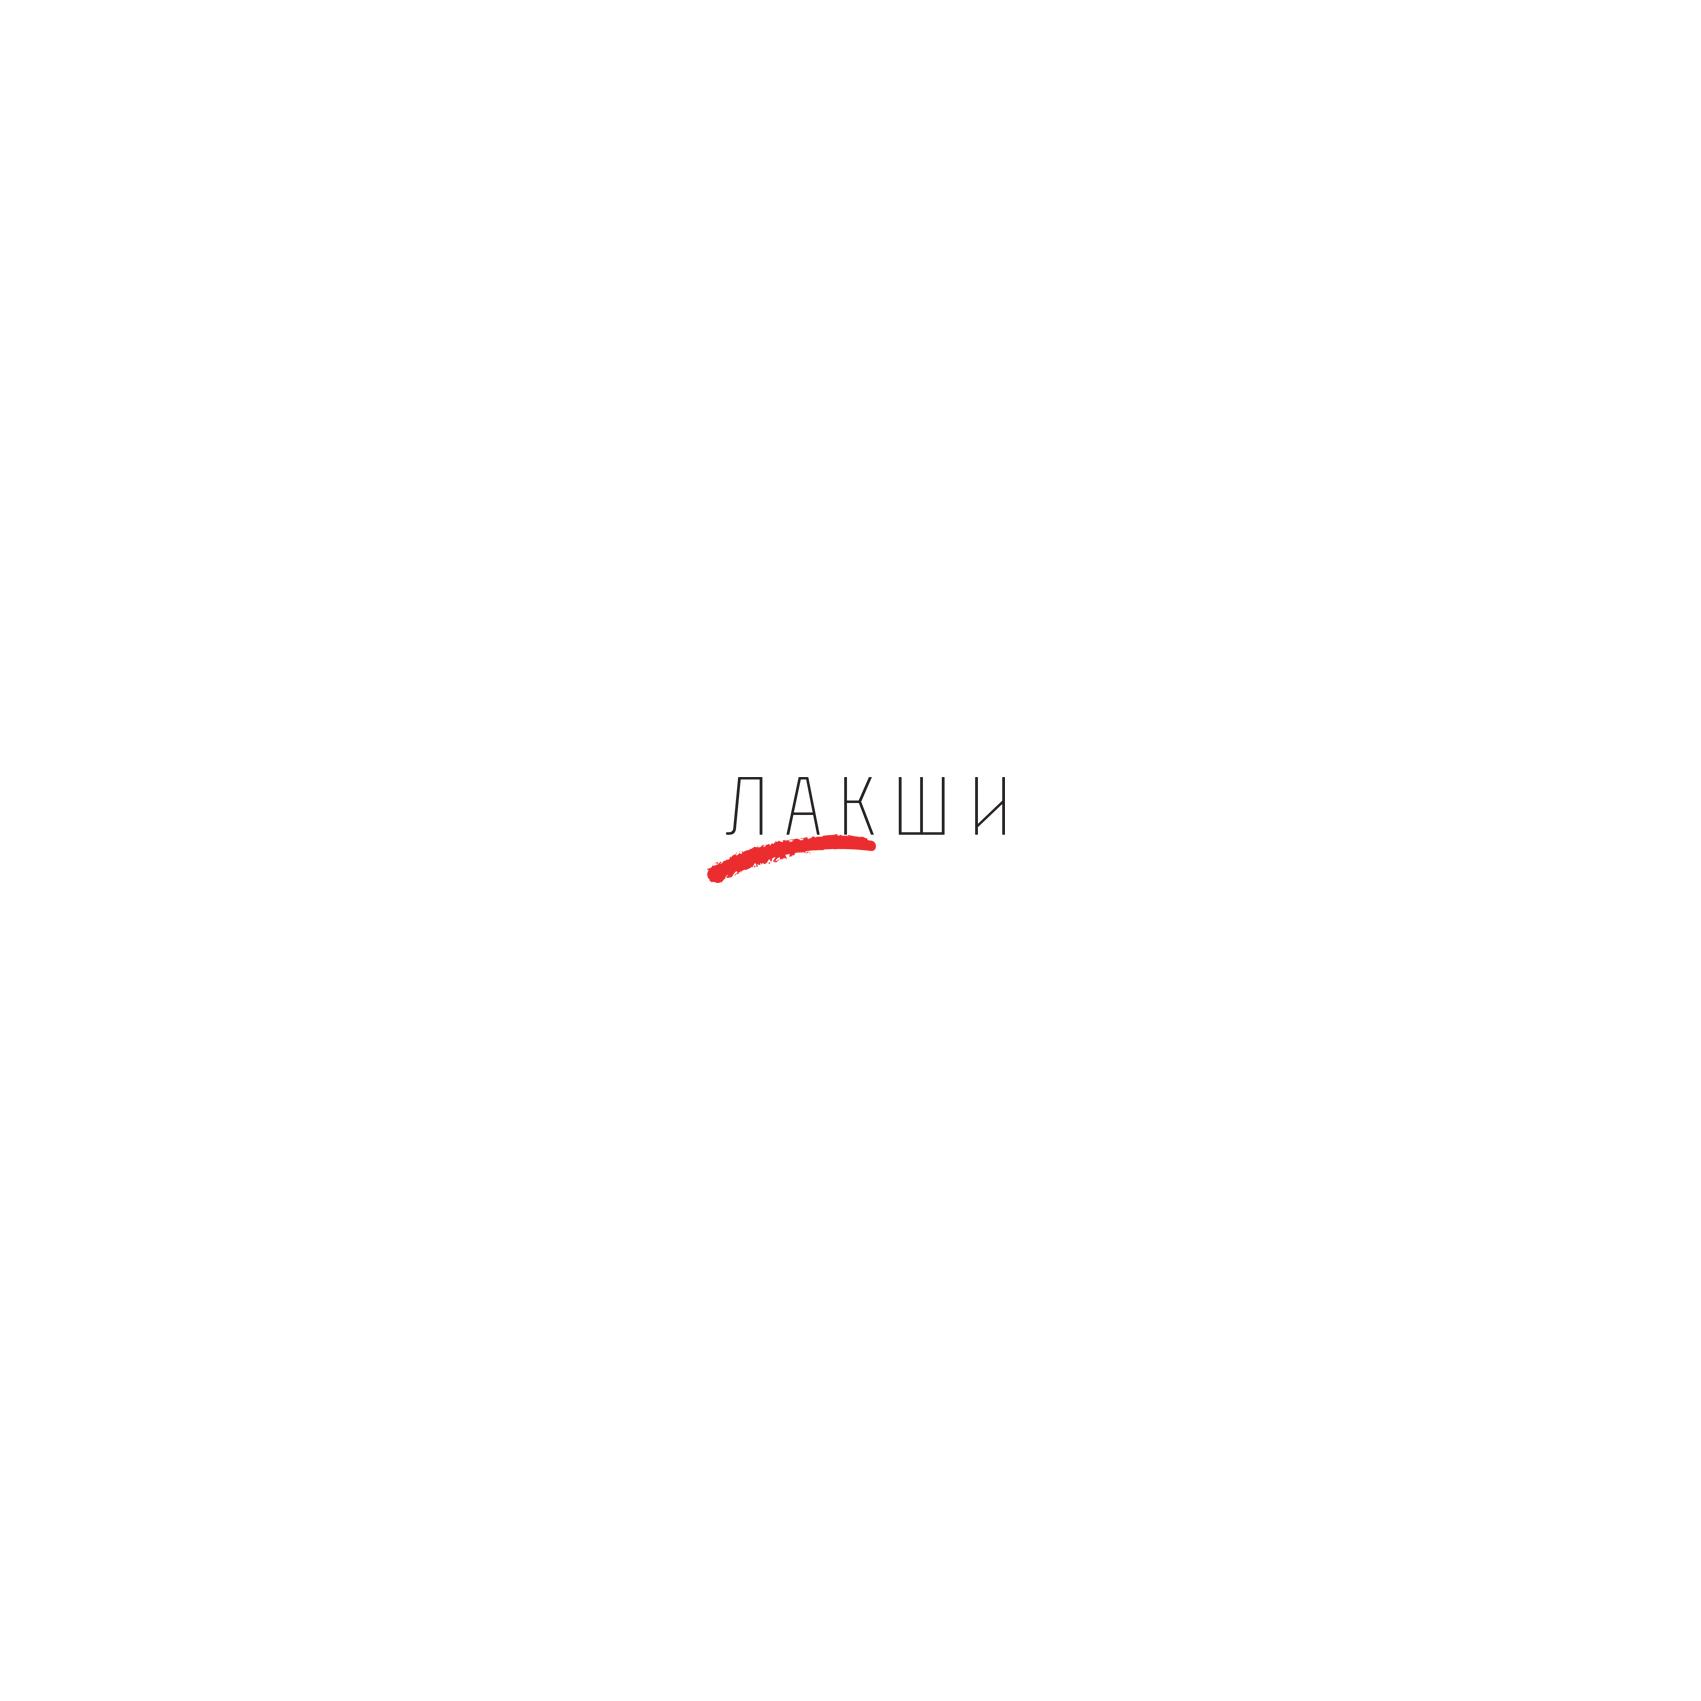 Разработка логотипа фирменного стиля фото f_5635c578bc6db1a1.jpg